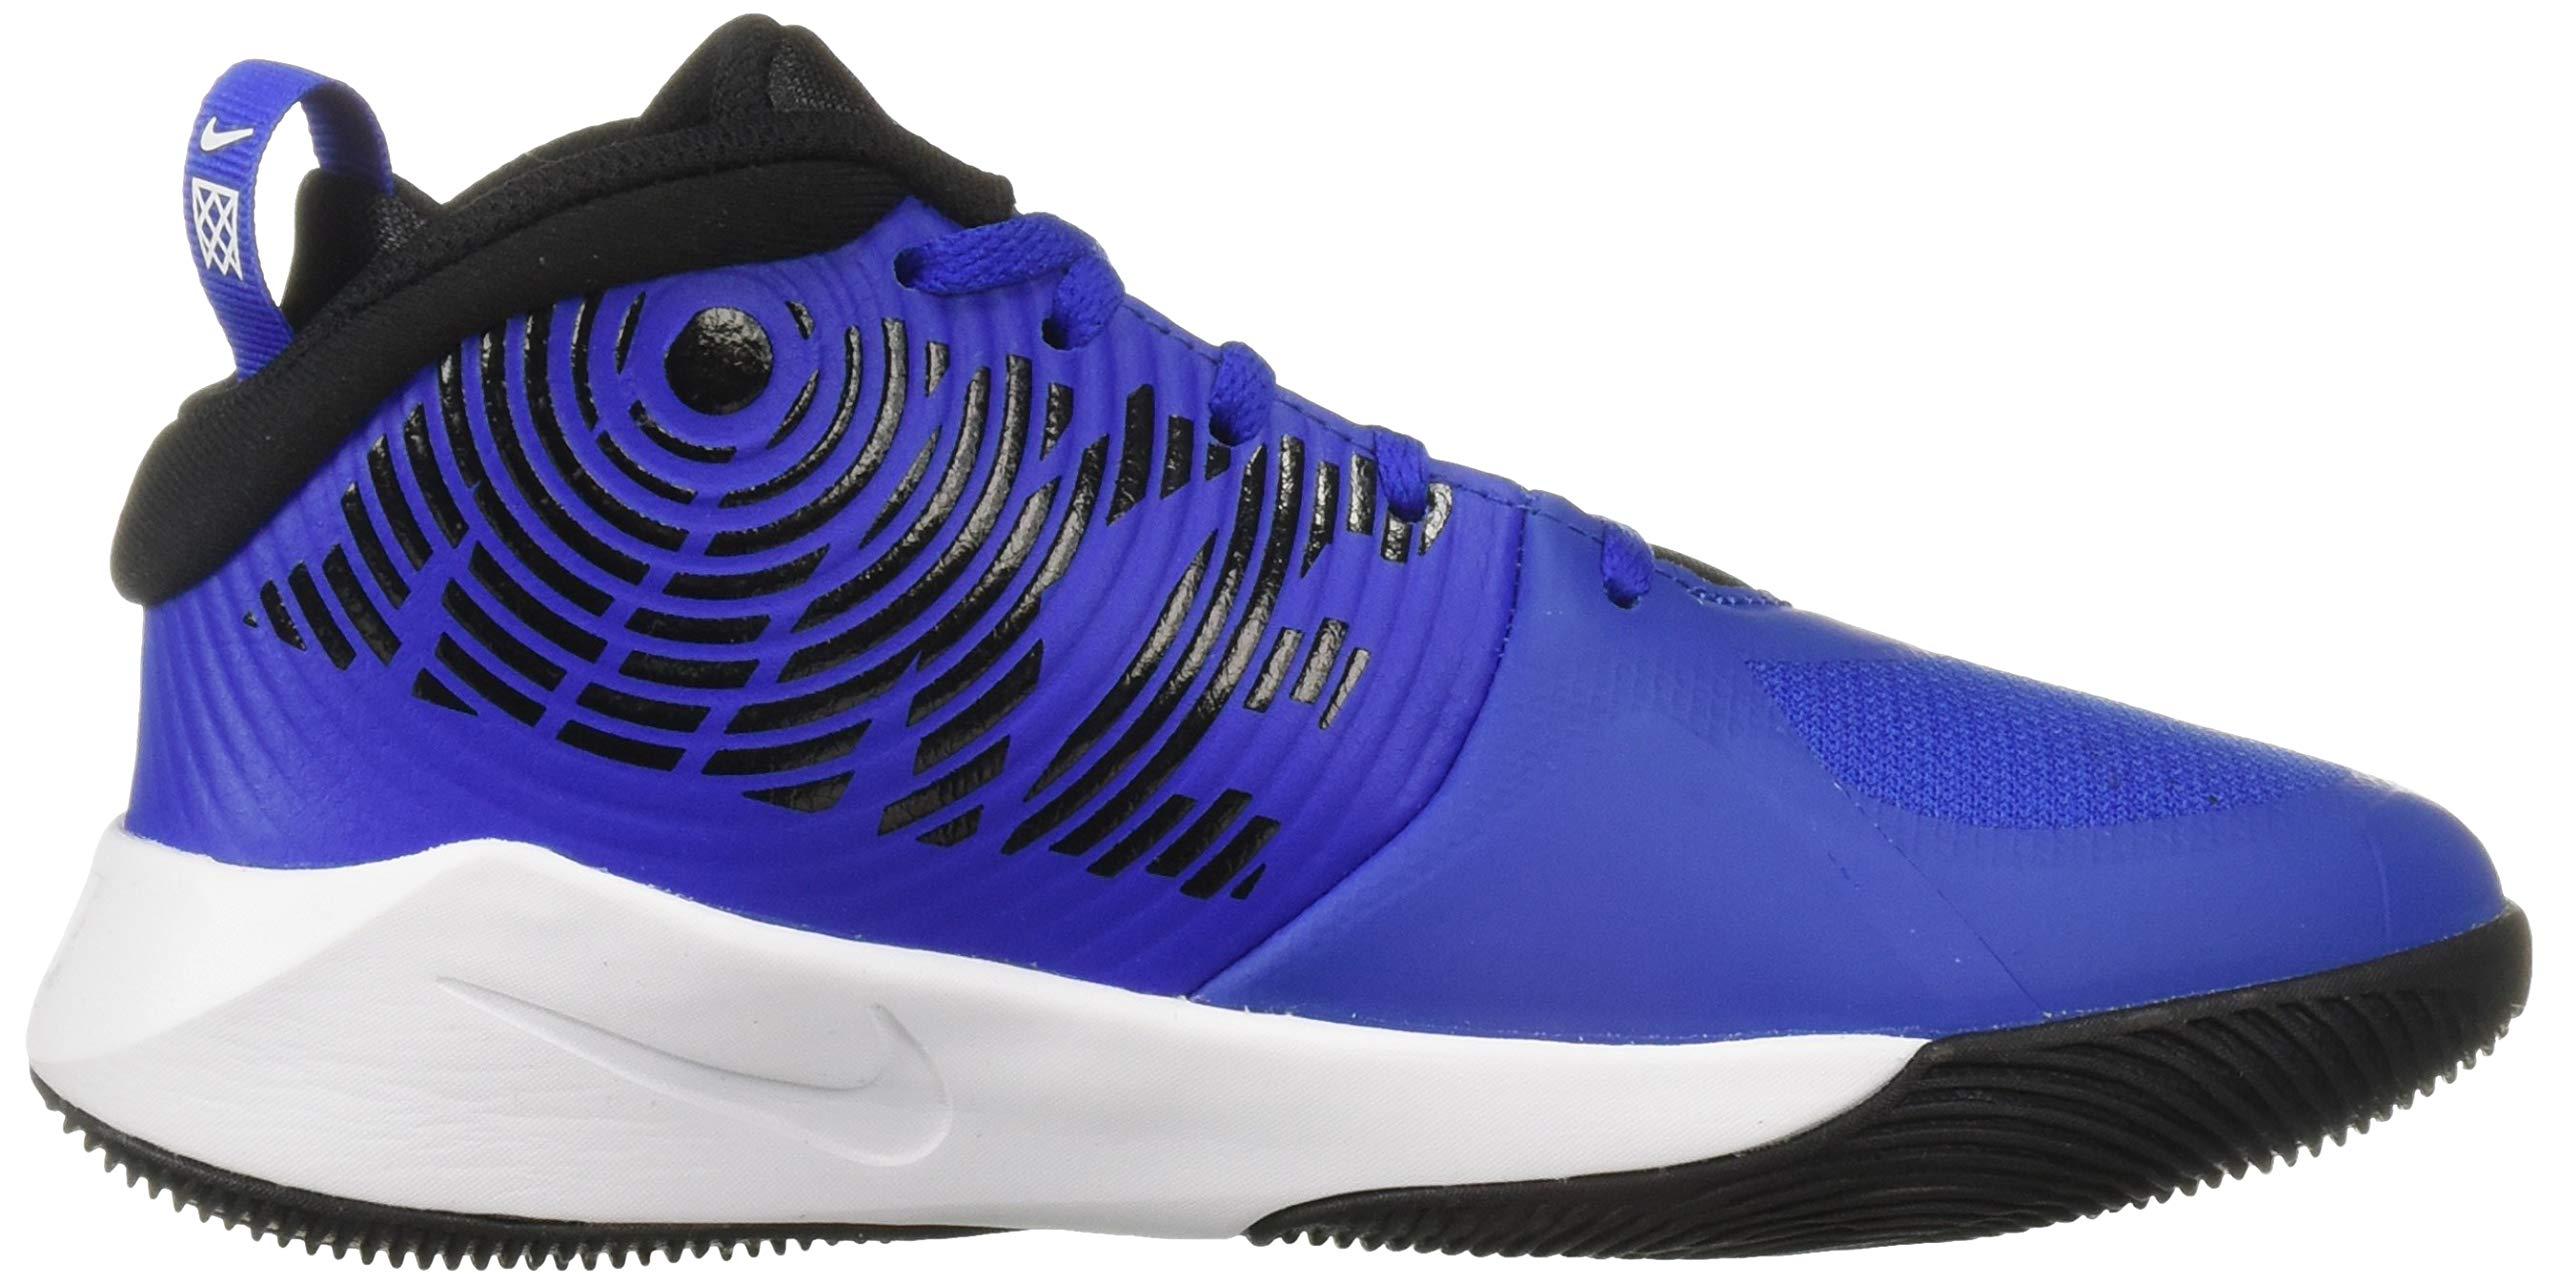 Nike Unisex Team Hustle D 9 (GS) Sneaker, Game Royal/Black - White, 5Y Regular US Big Kid by Nike (Image #9)